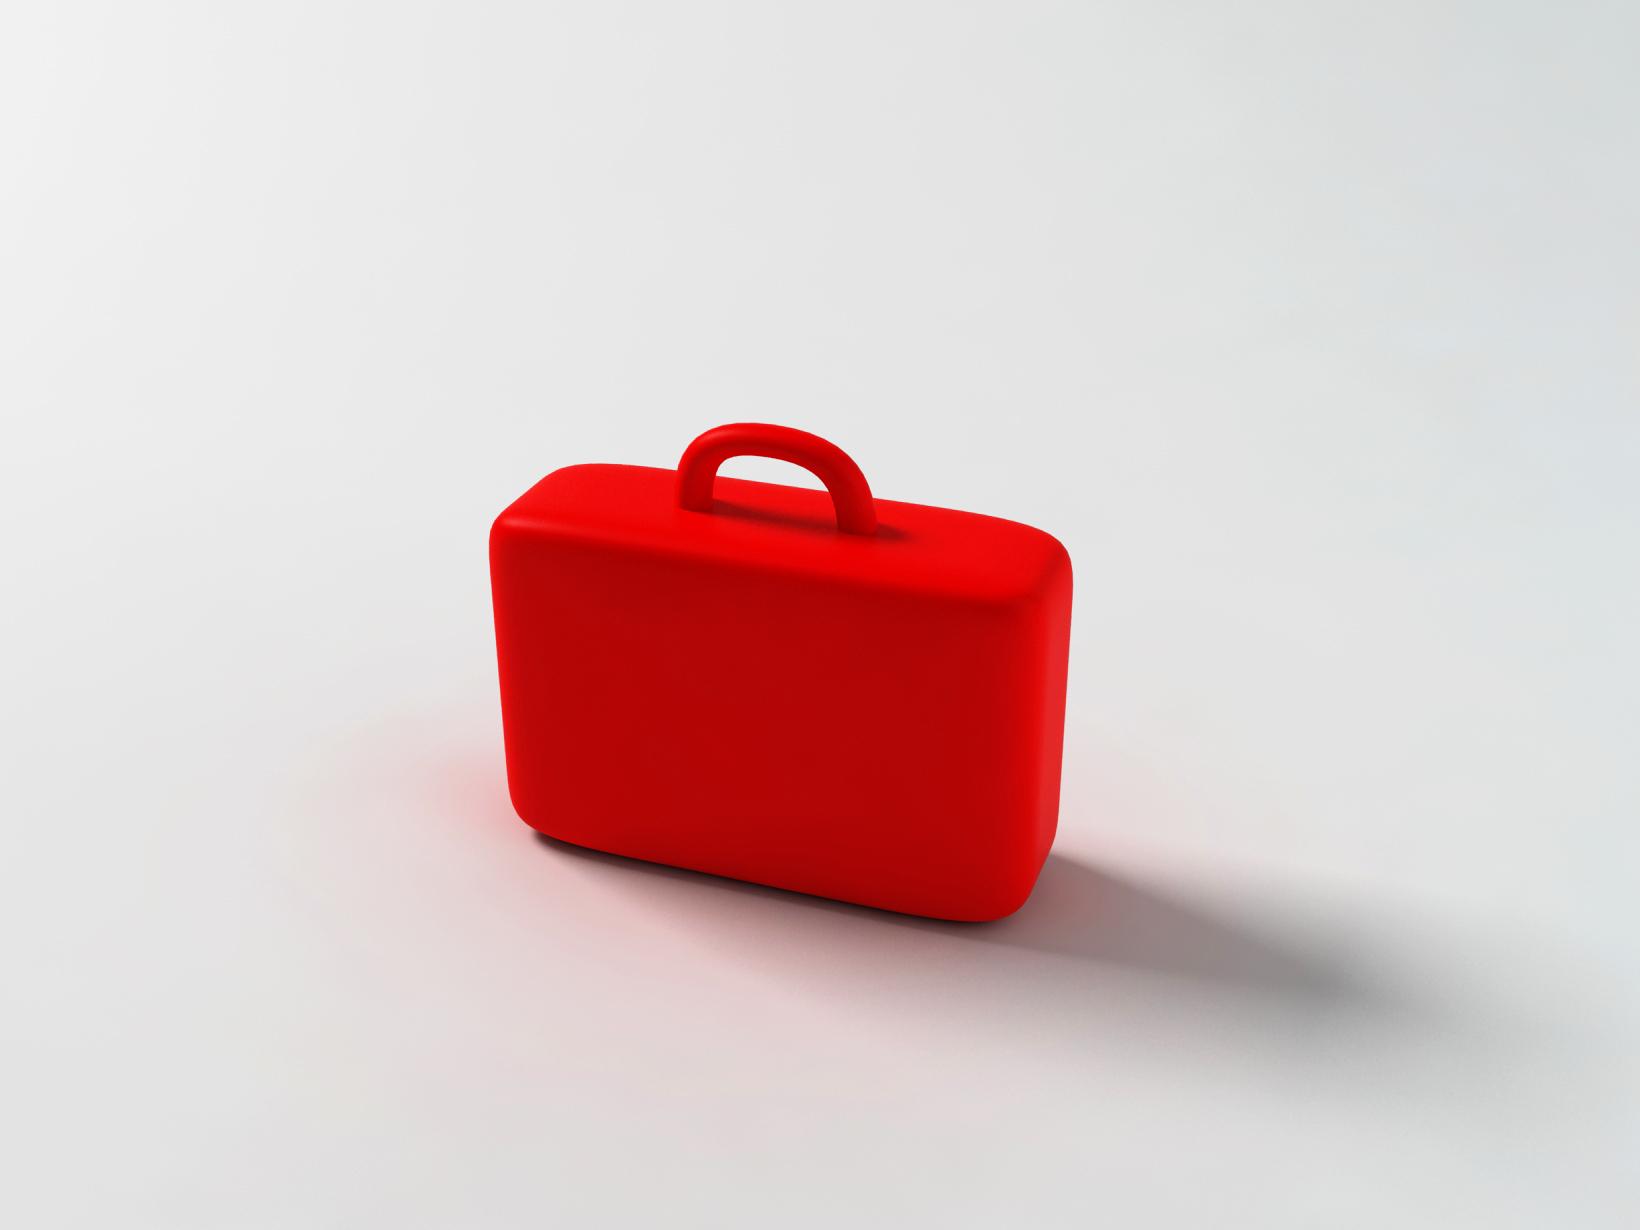 Patent box: key facts